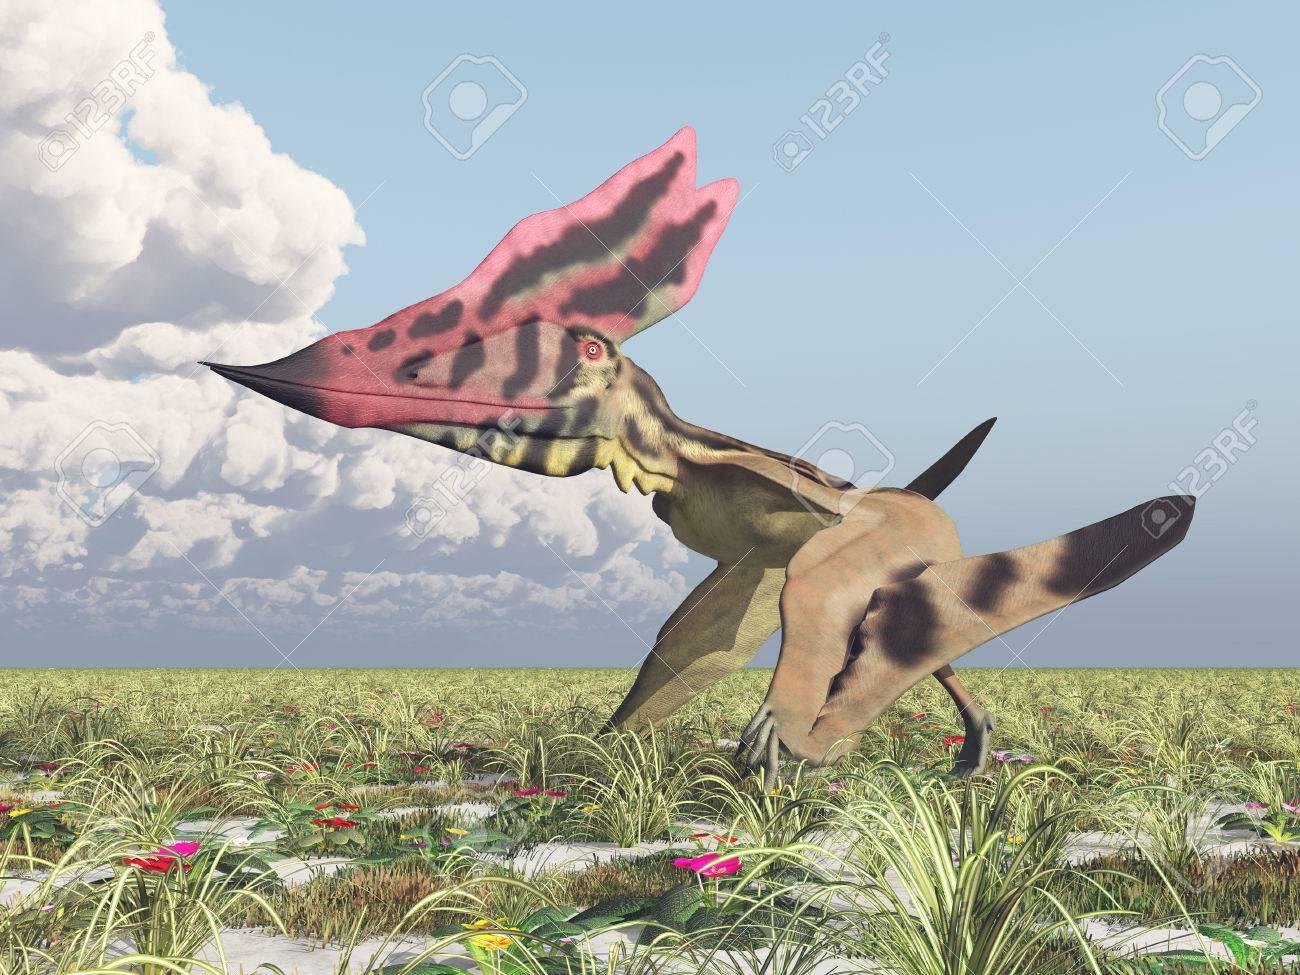 翼竜タラソドロメウス の写真素材・画像素材 Image 41157892.